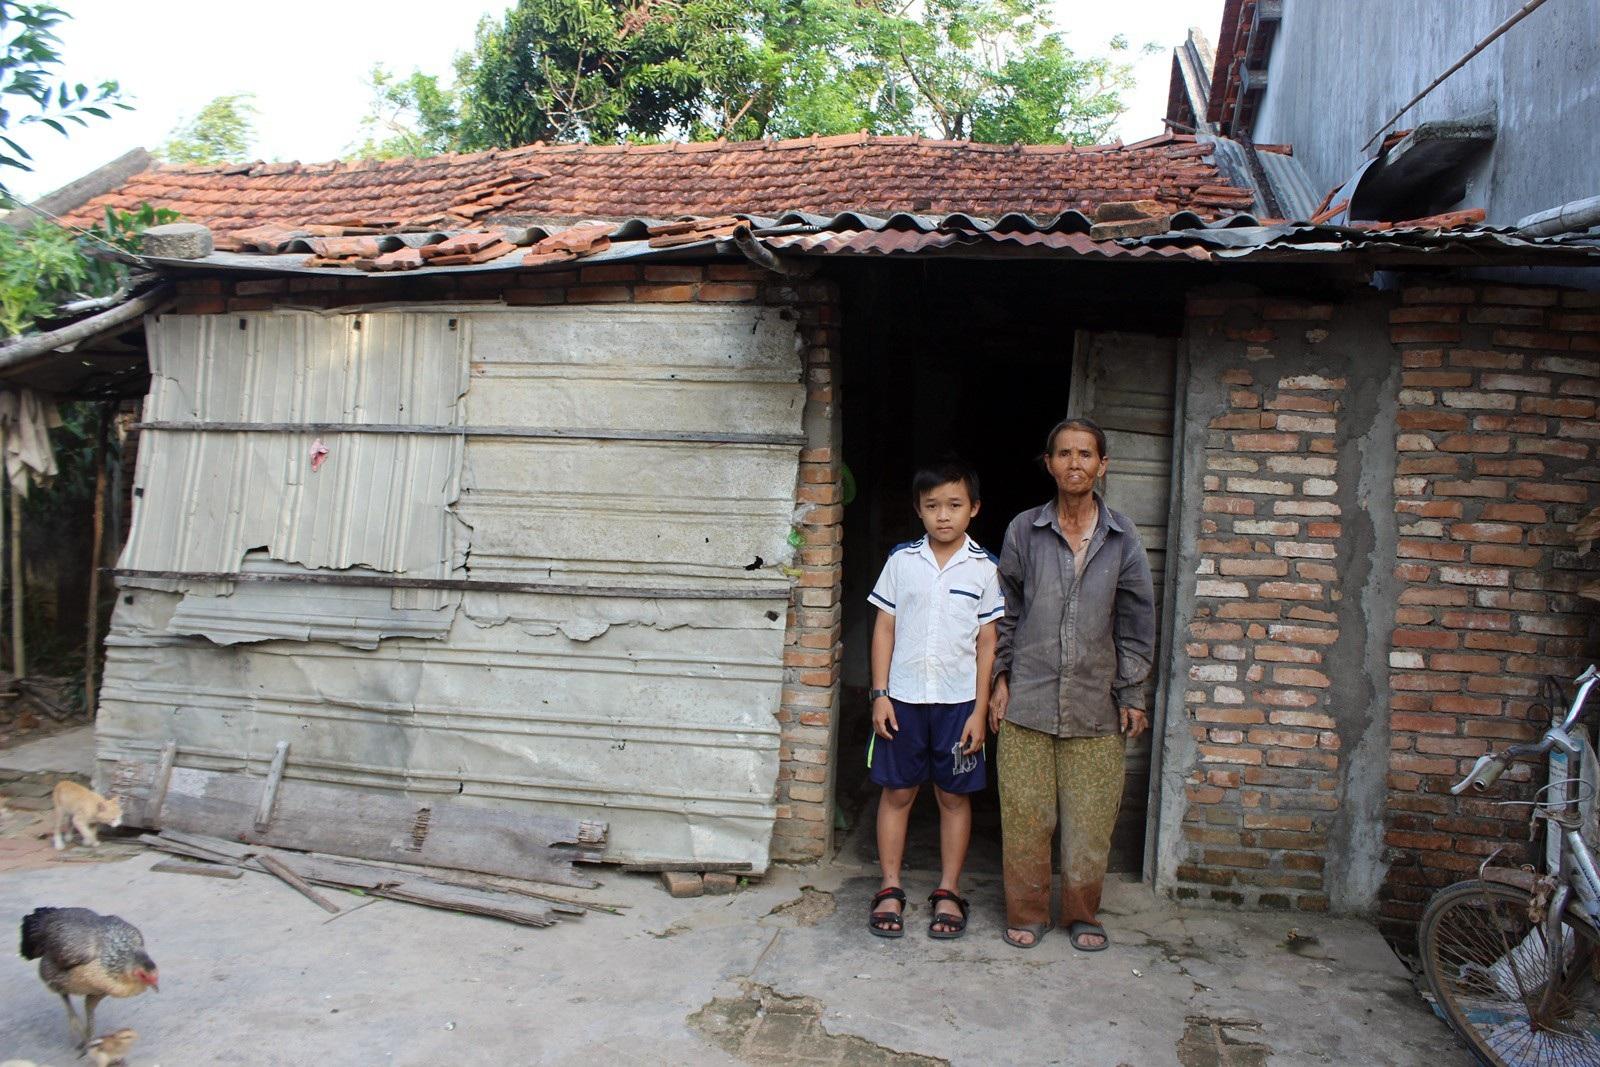 Quá nghèo, người phụ nữ đành nhìn con nuôi bỏ nhà ra đi - Ảnh 2.